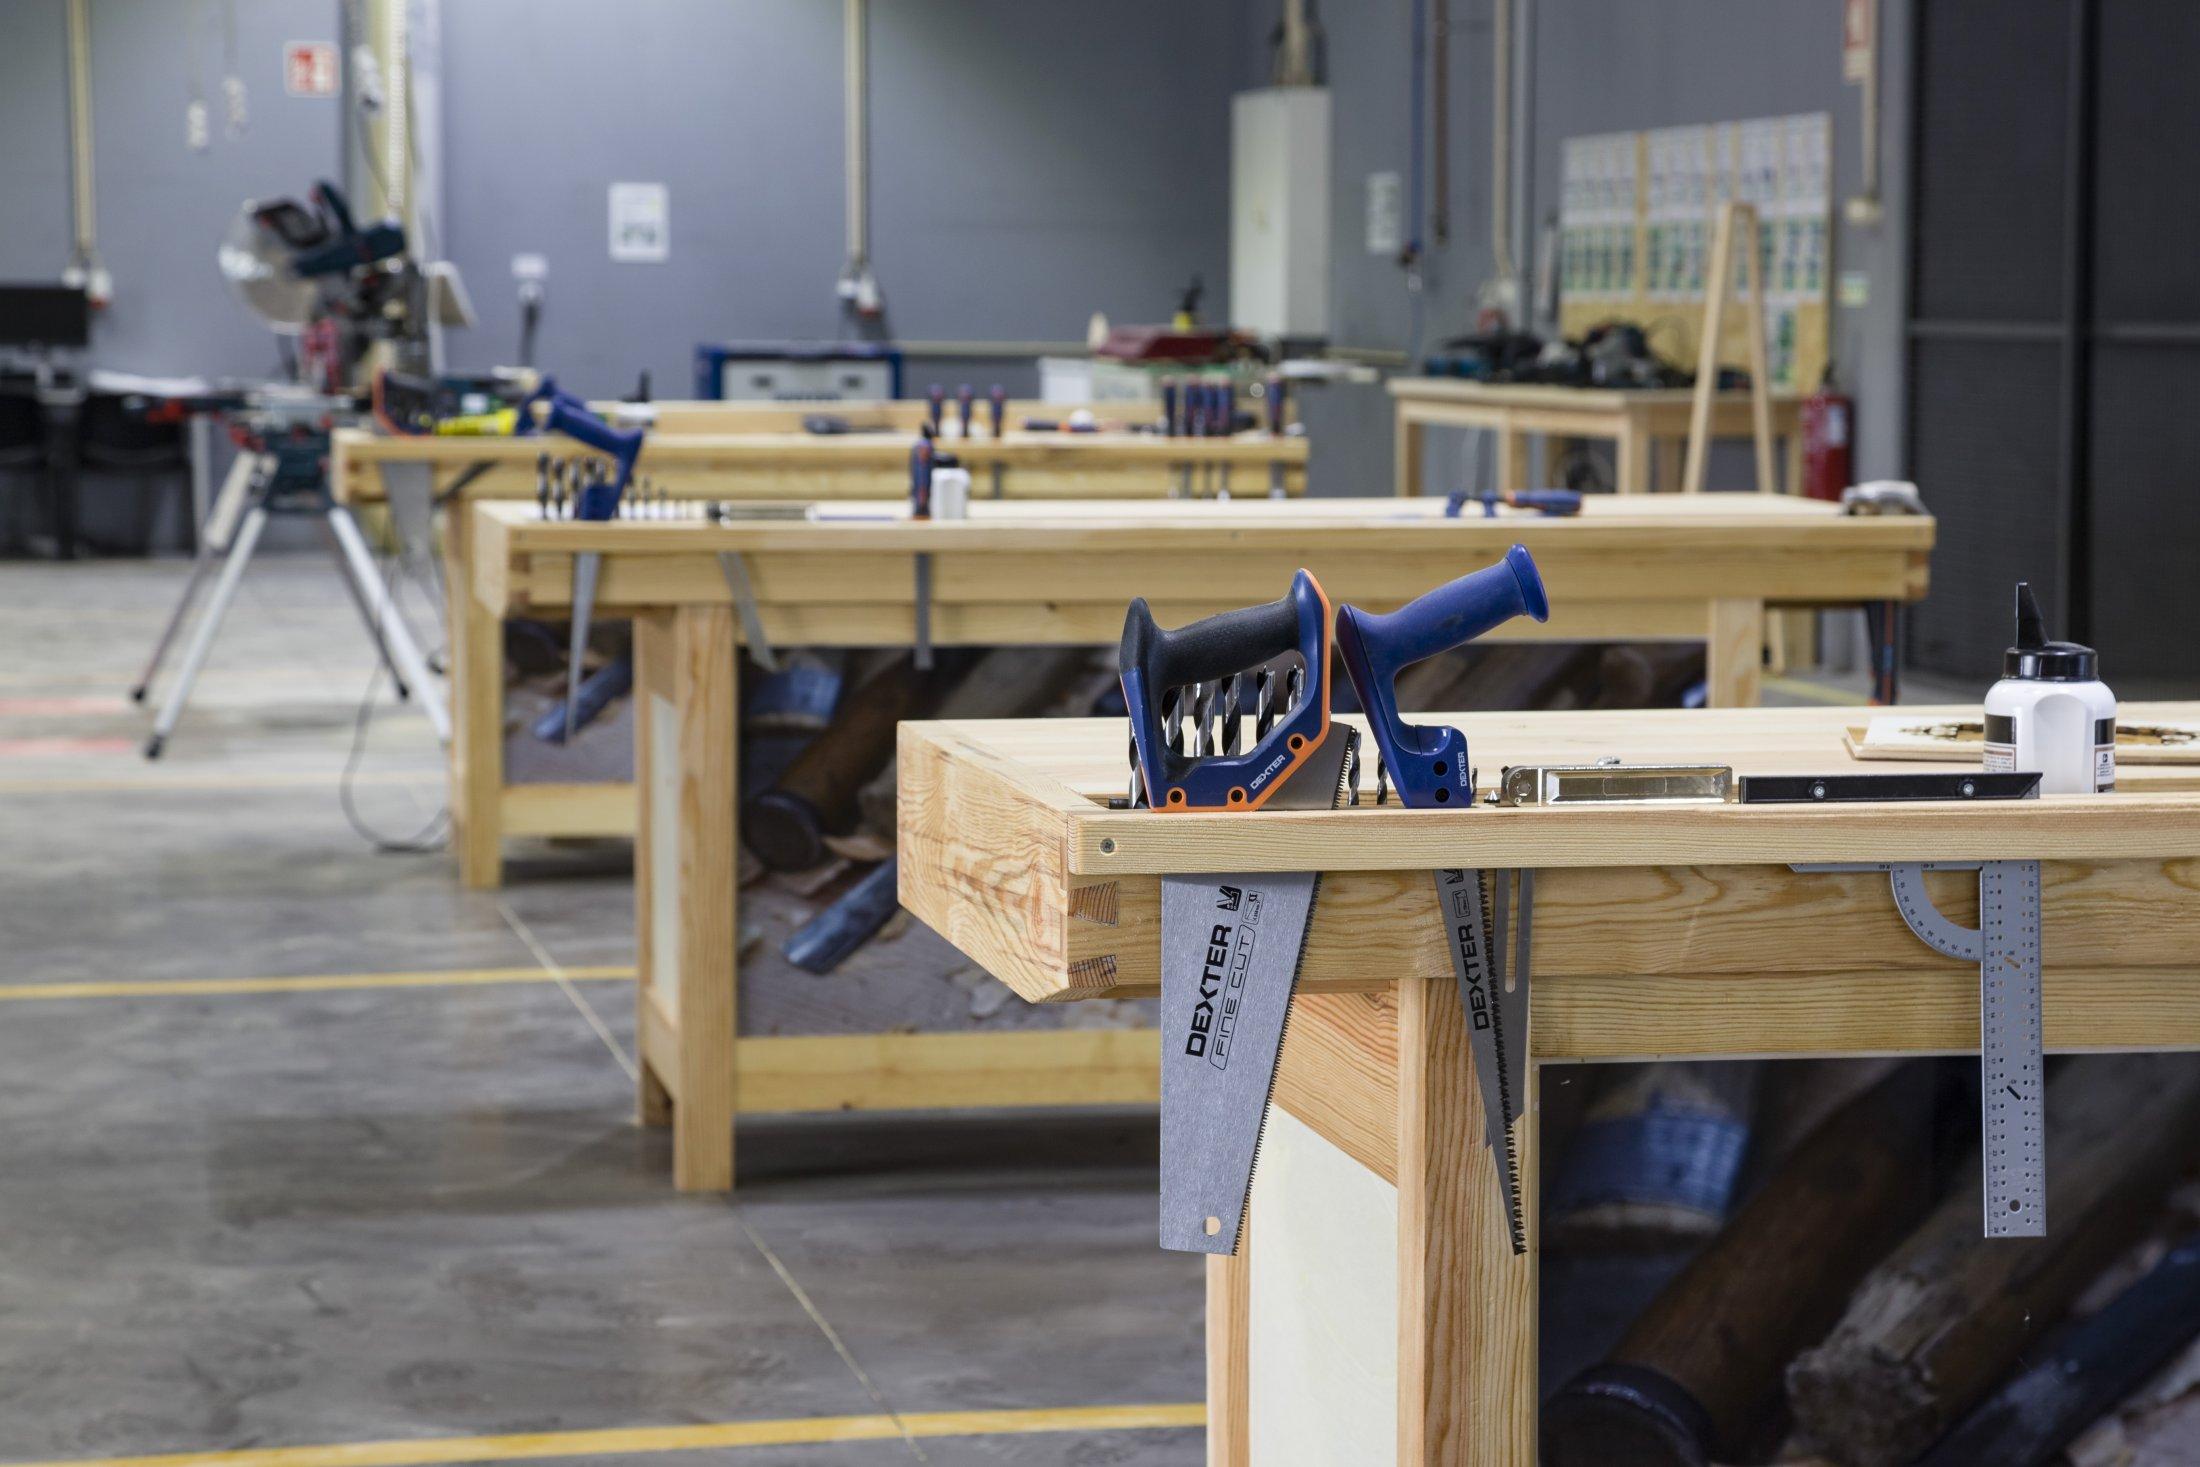 Oficina de madeira.